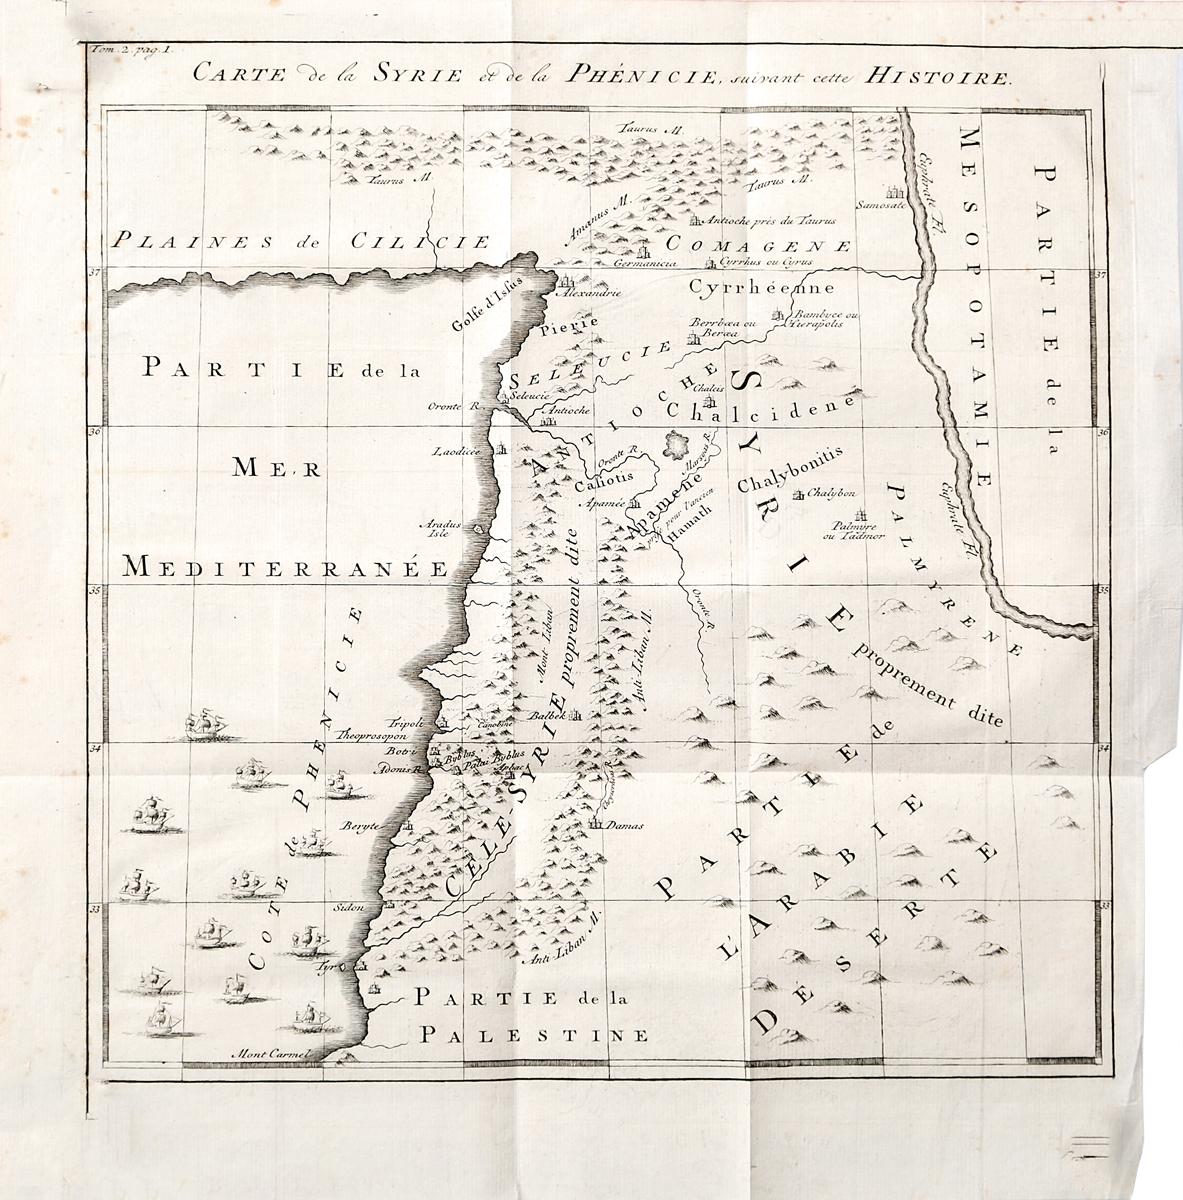 Географическая карта Сирии и Финикии. Гравюра. Западная Европа, середина XVII века